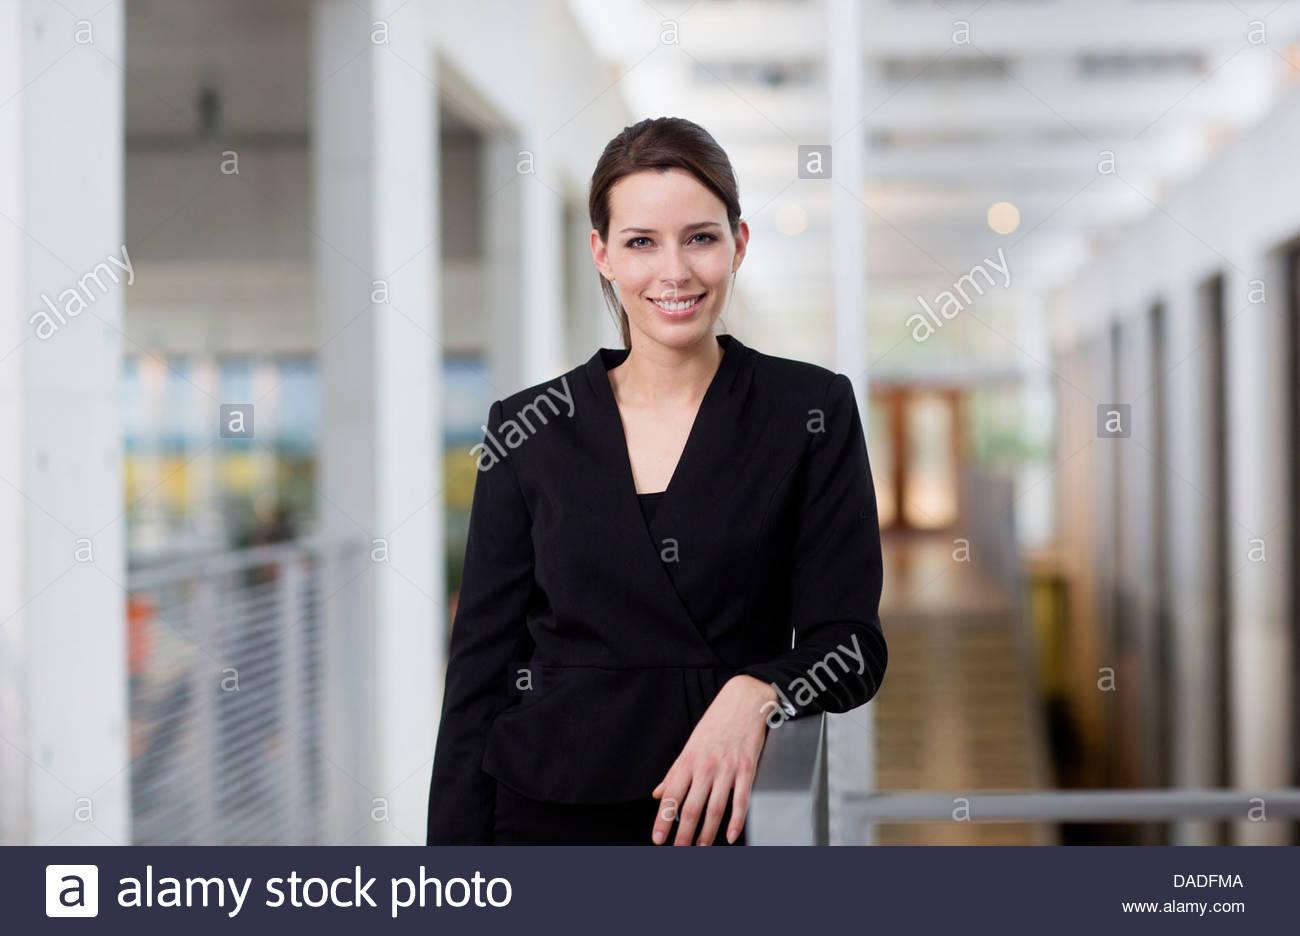 Woman looking at camera - Stock Image